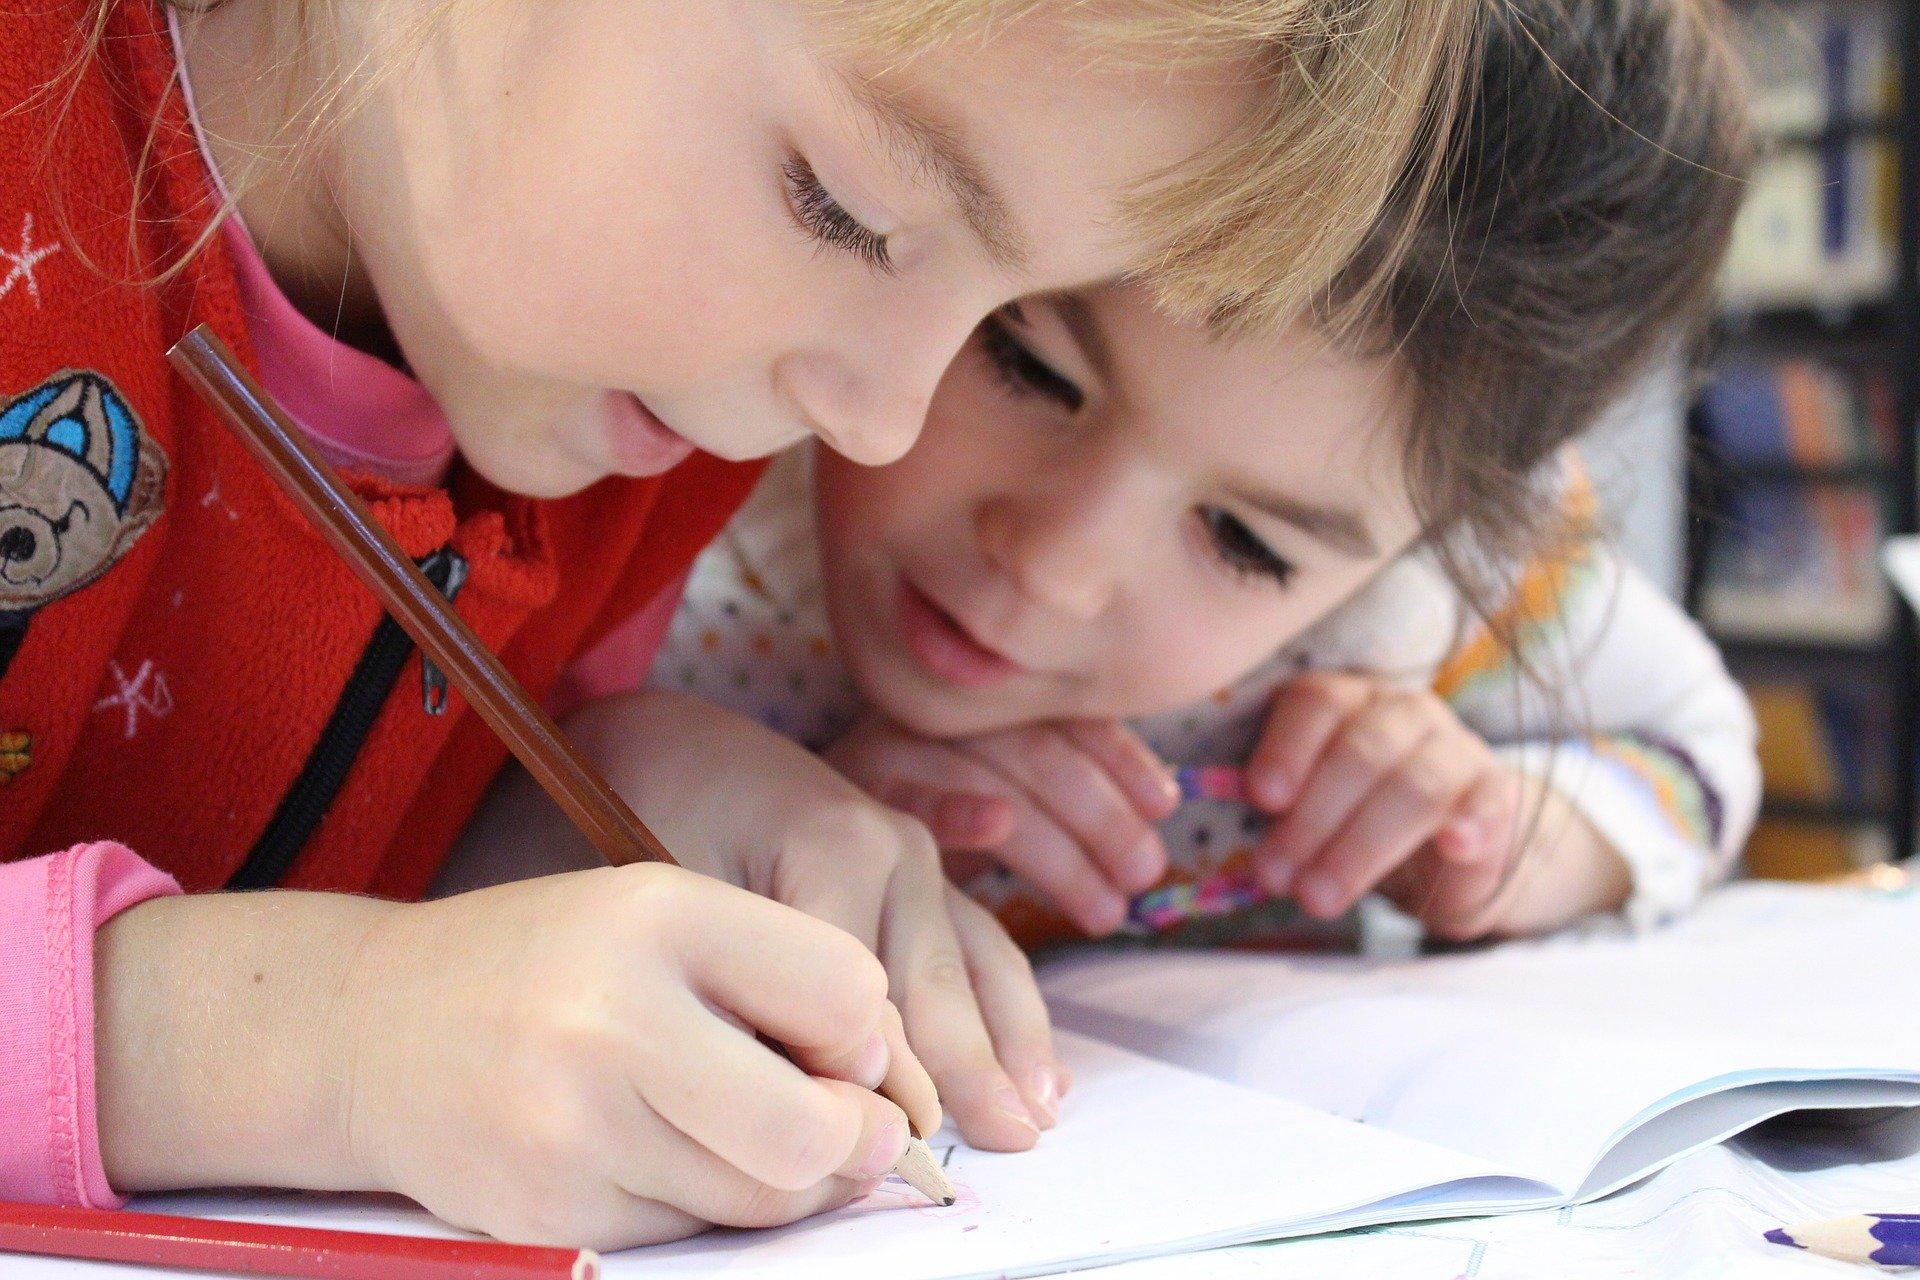 zwei Kinder schreiben in ein Heft